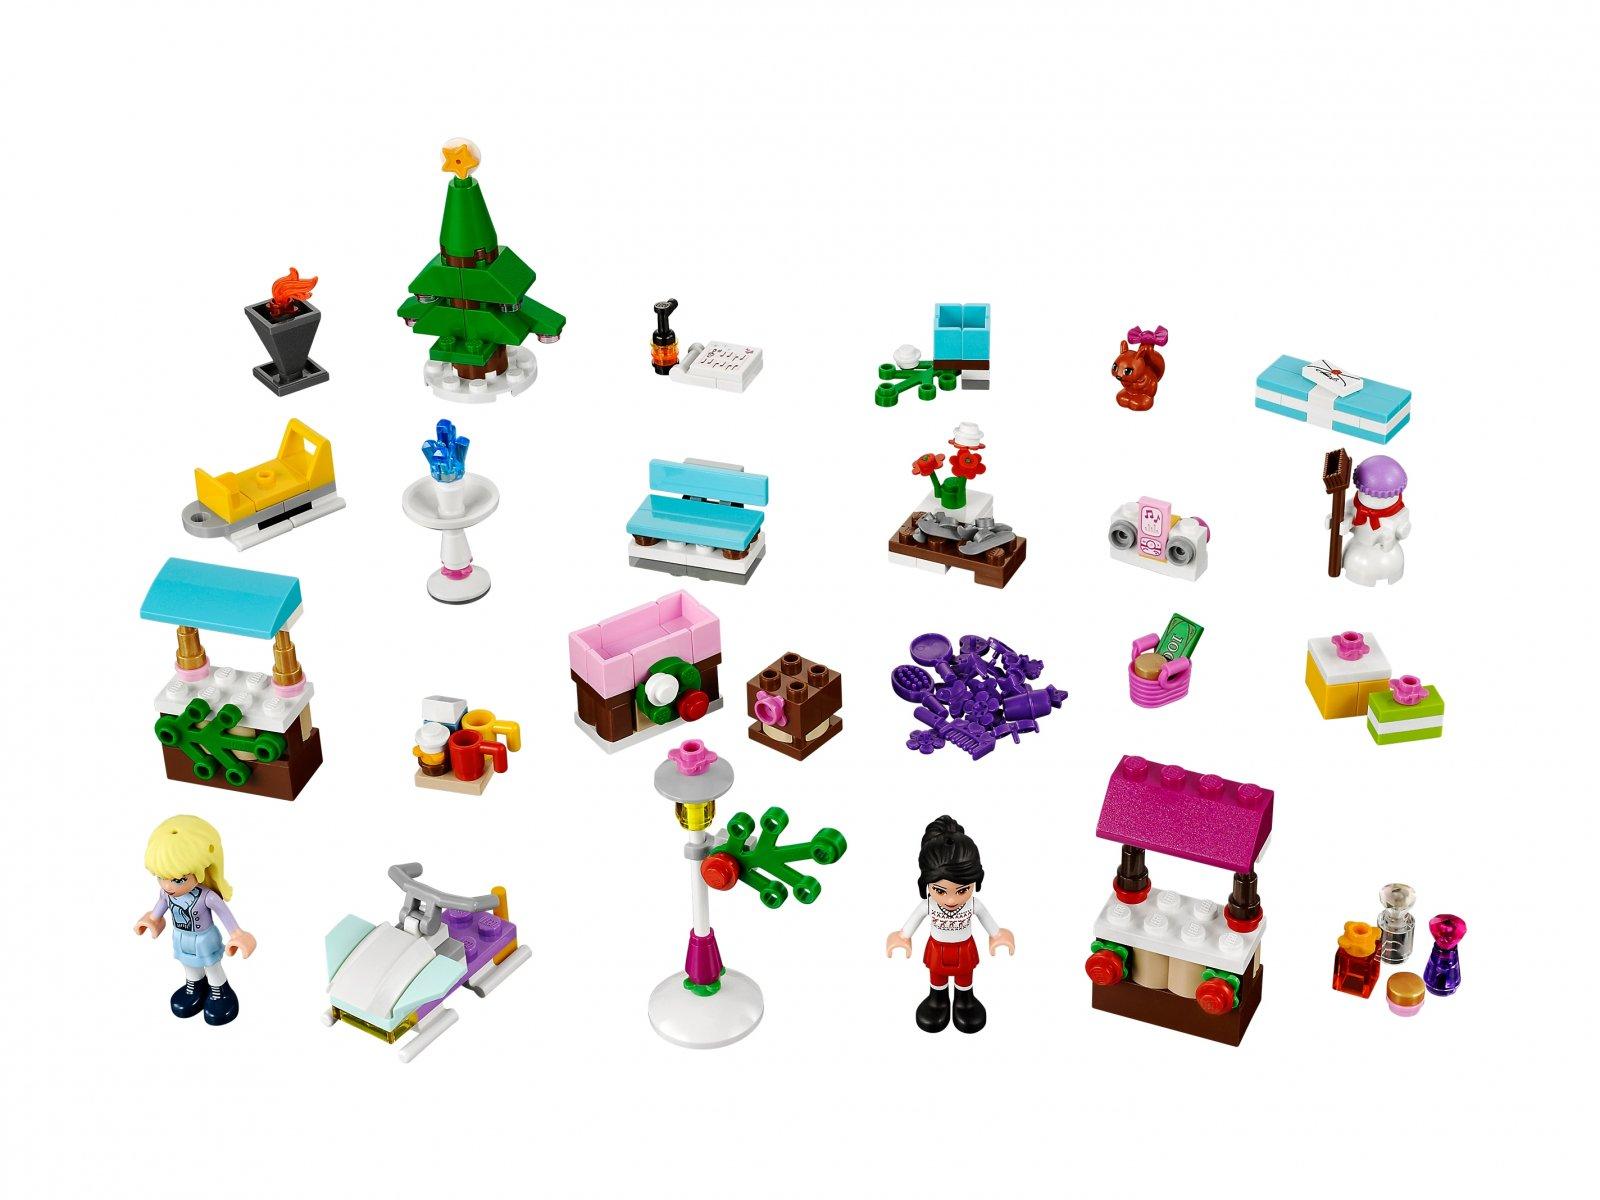 Lego 41016 Friends Kalendarz Adwentowy Zklockówpl